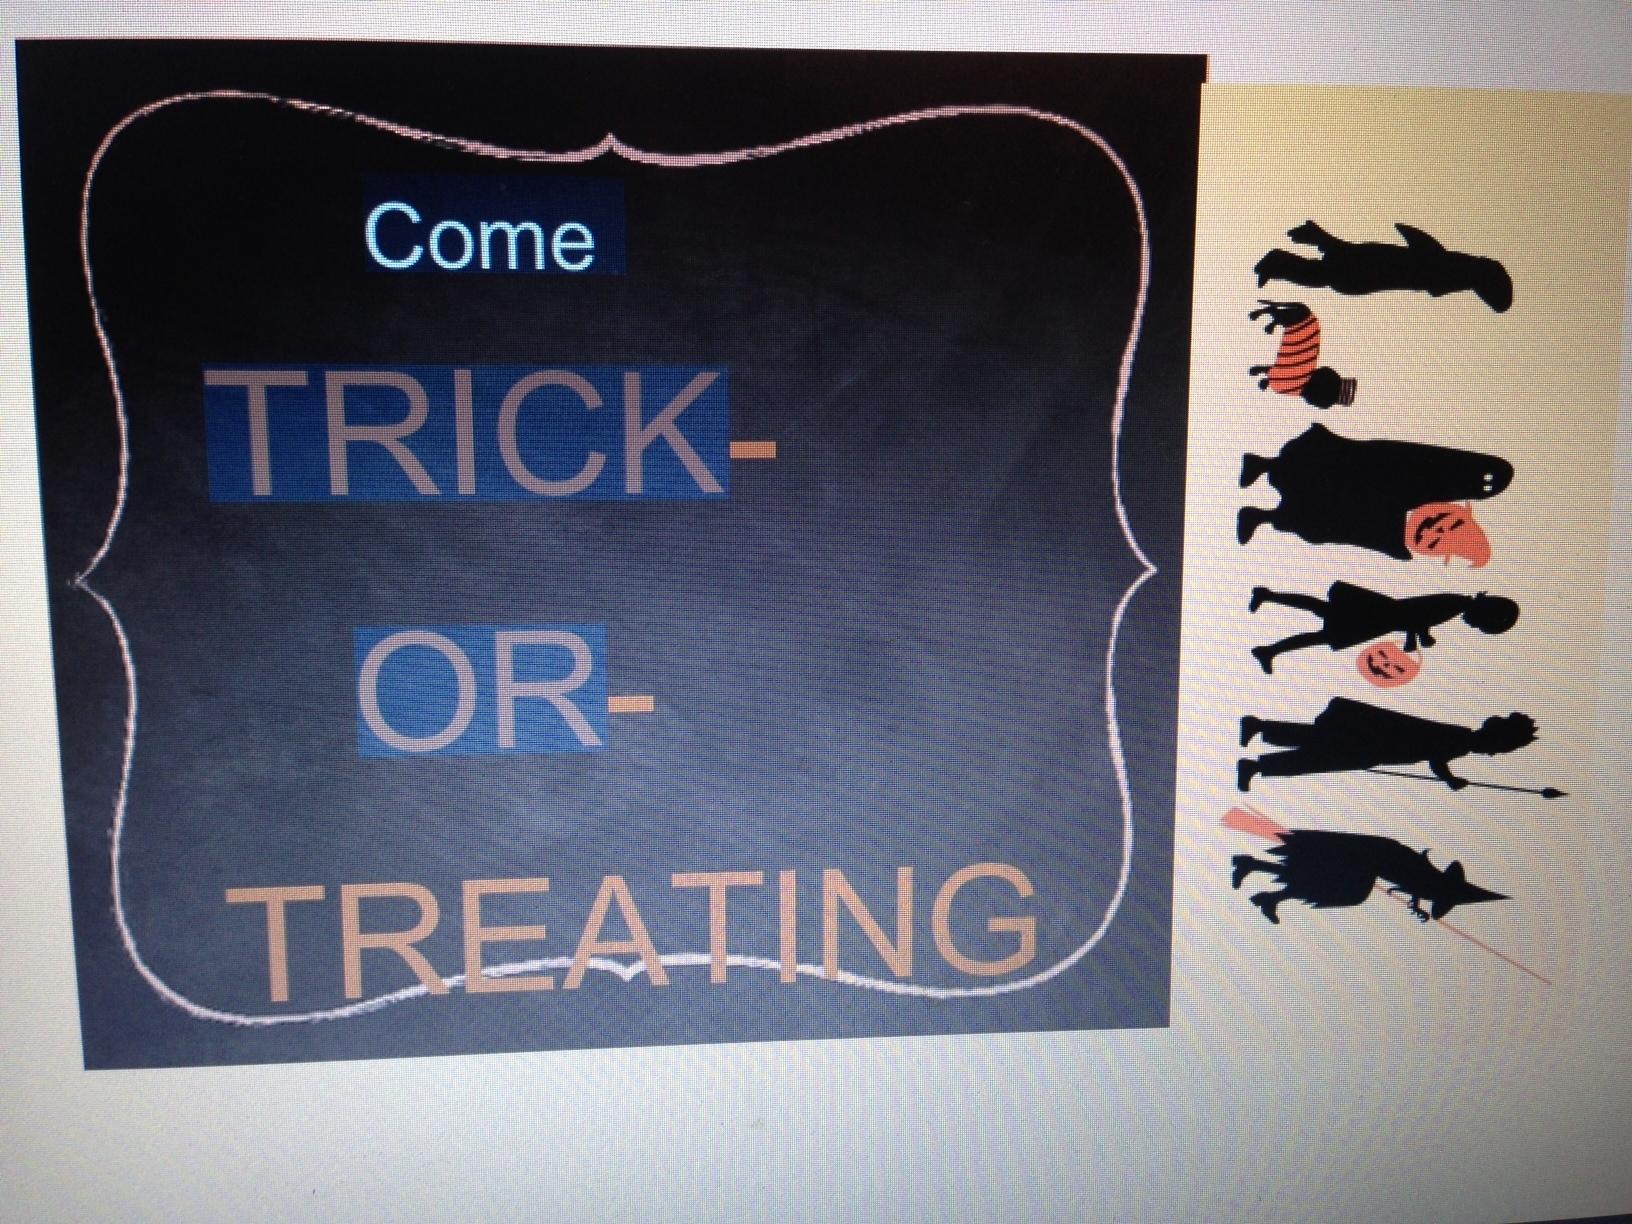 15f47a0860634d93ef1d_trick_or_treat.JPG